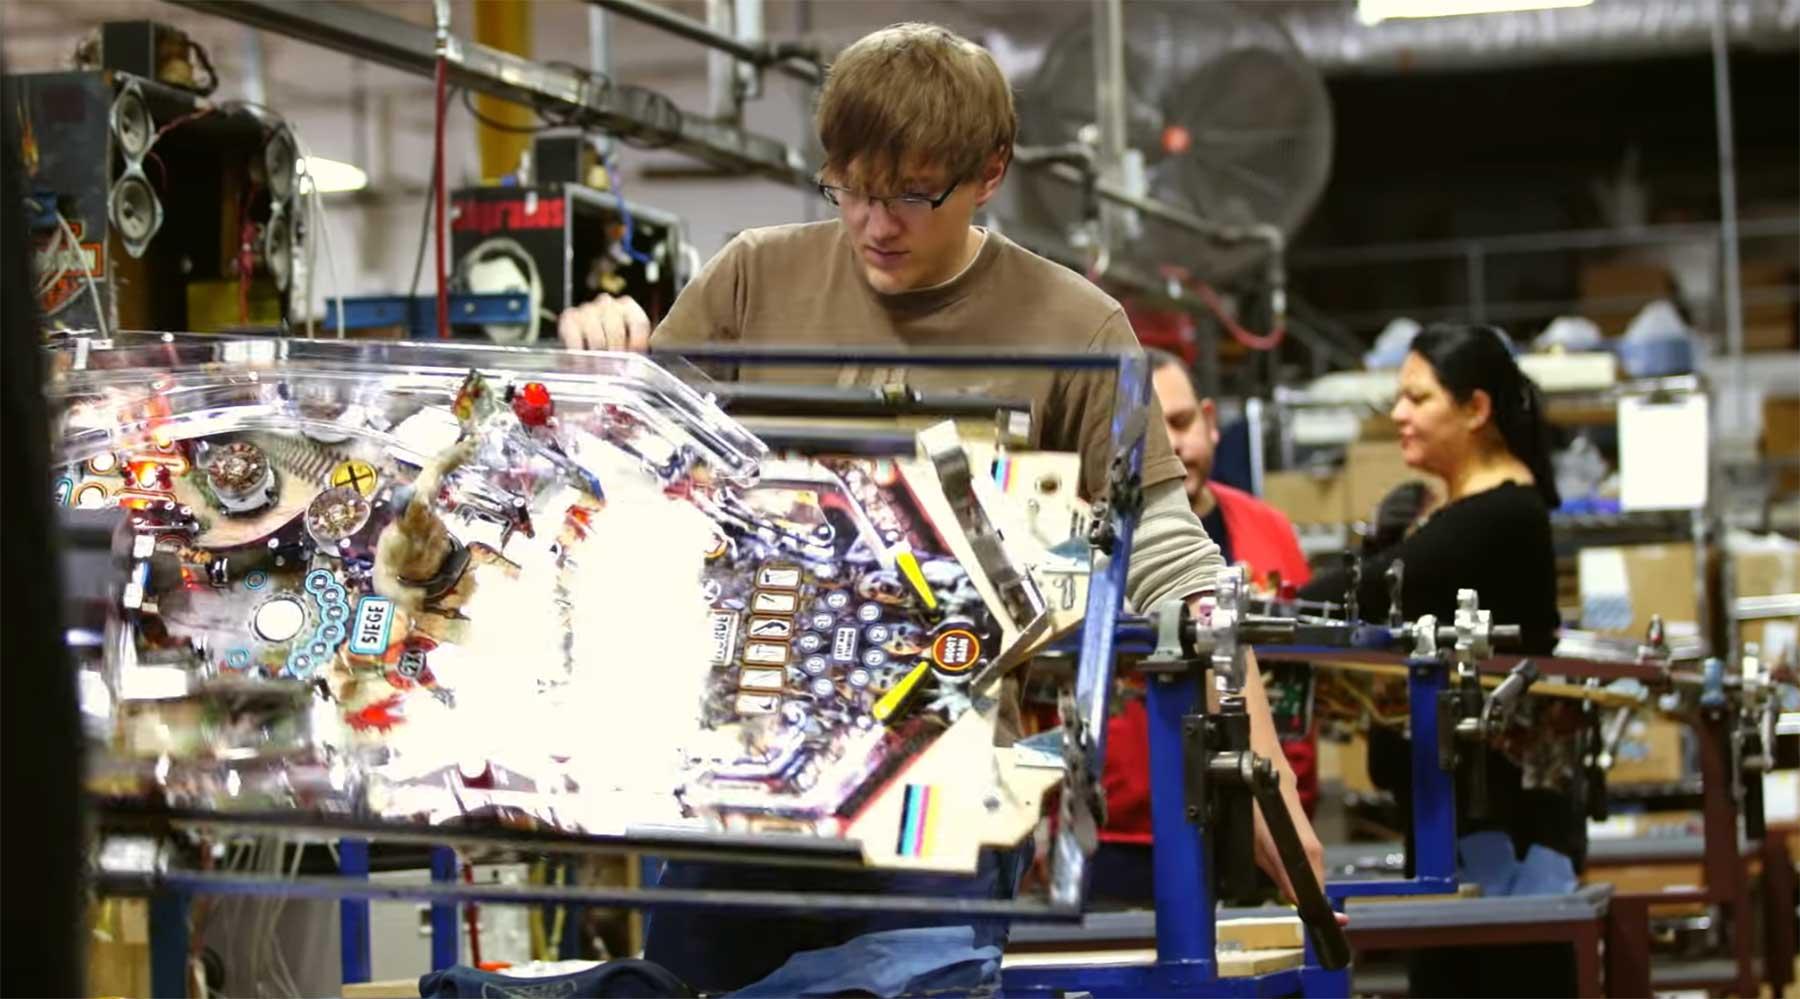 So wir deine Pinball-Maschine gebaut making-of-pinball-maschine